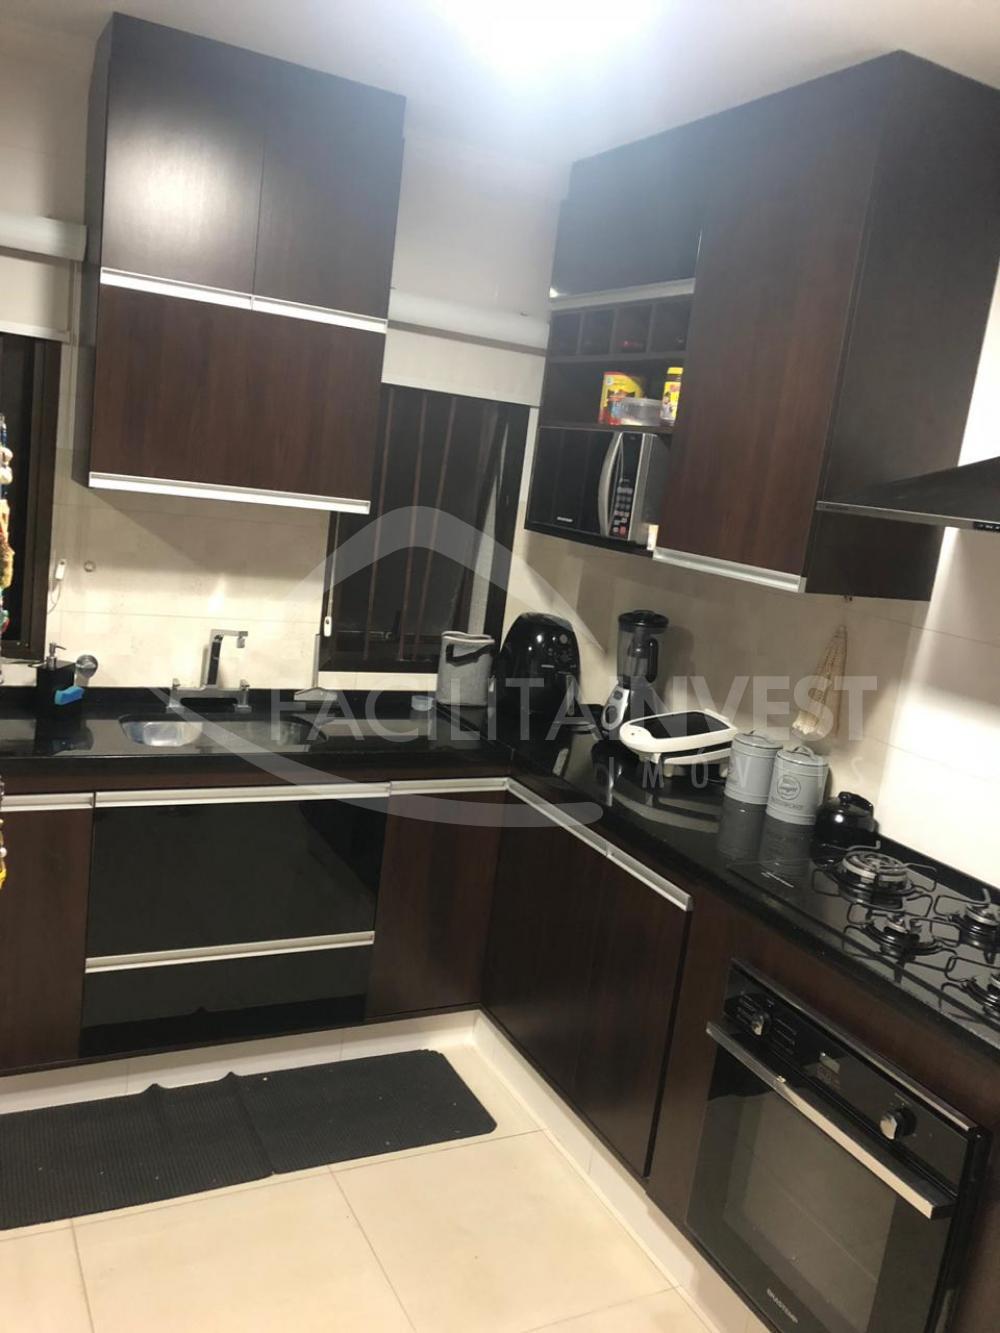 Comprar Apartamentos / Apart. Padrão em Ribeirão Preto apenas R$ 590.000,00 - Foto 9